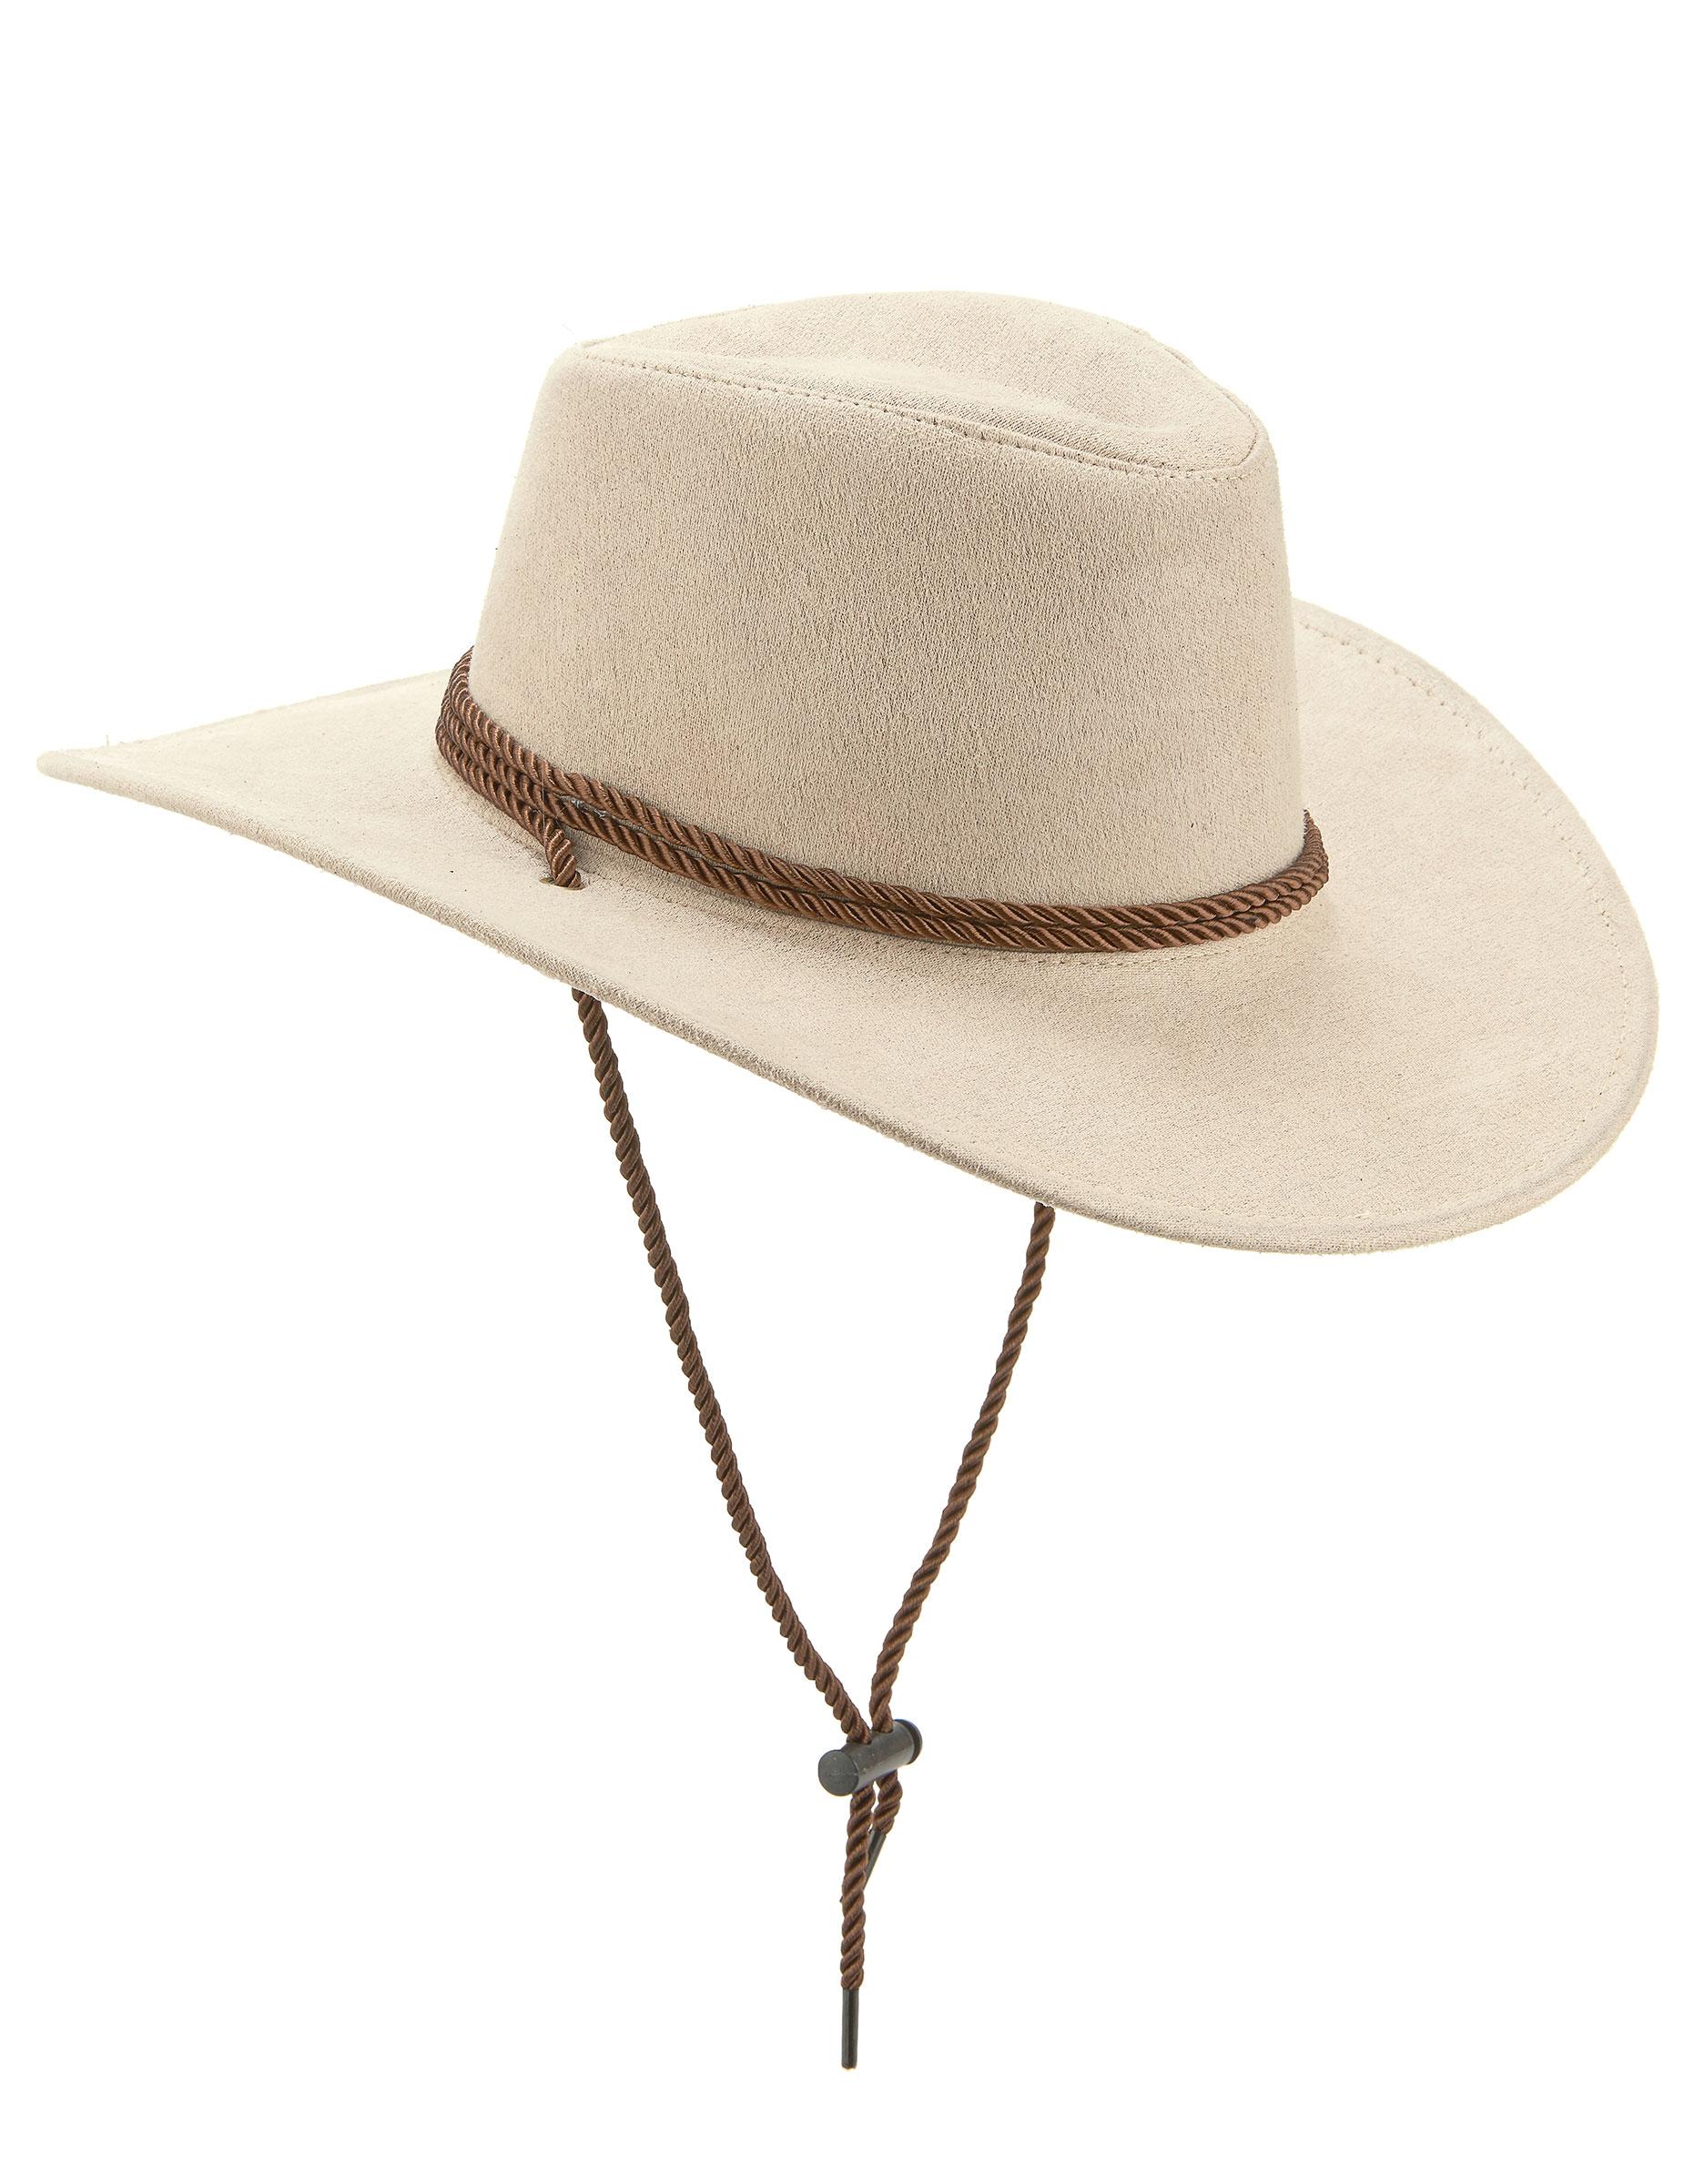 Sombrero vaquero beige adulto  Sombreros 5677155da60